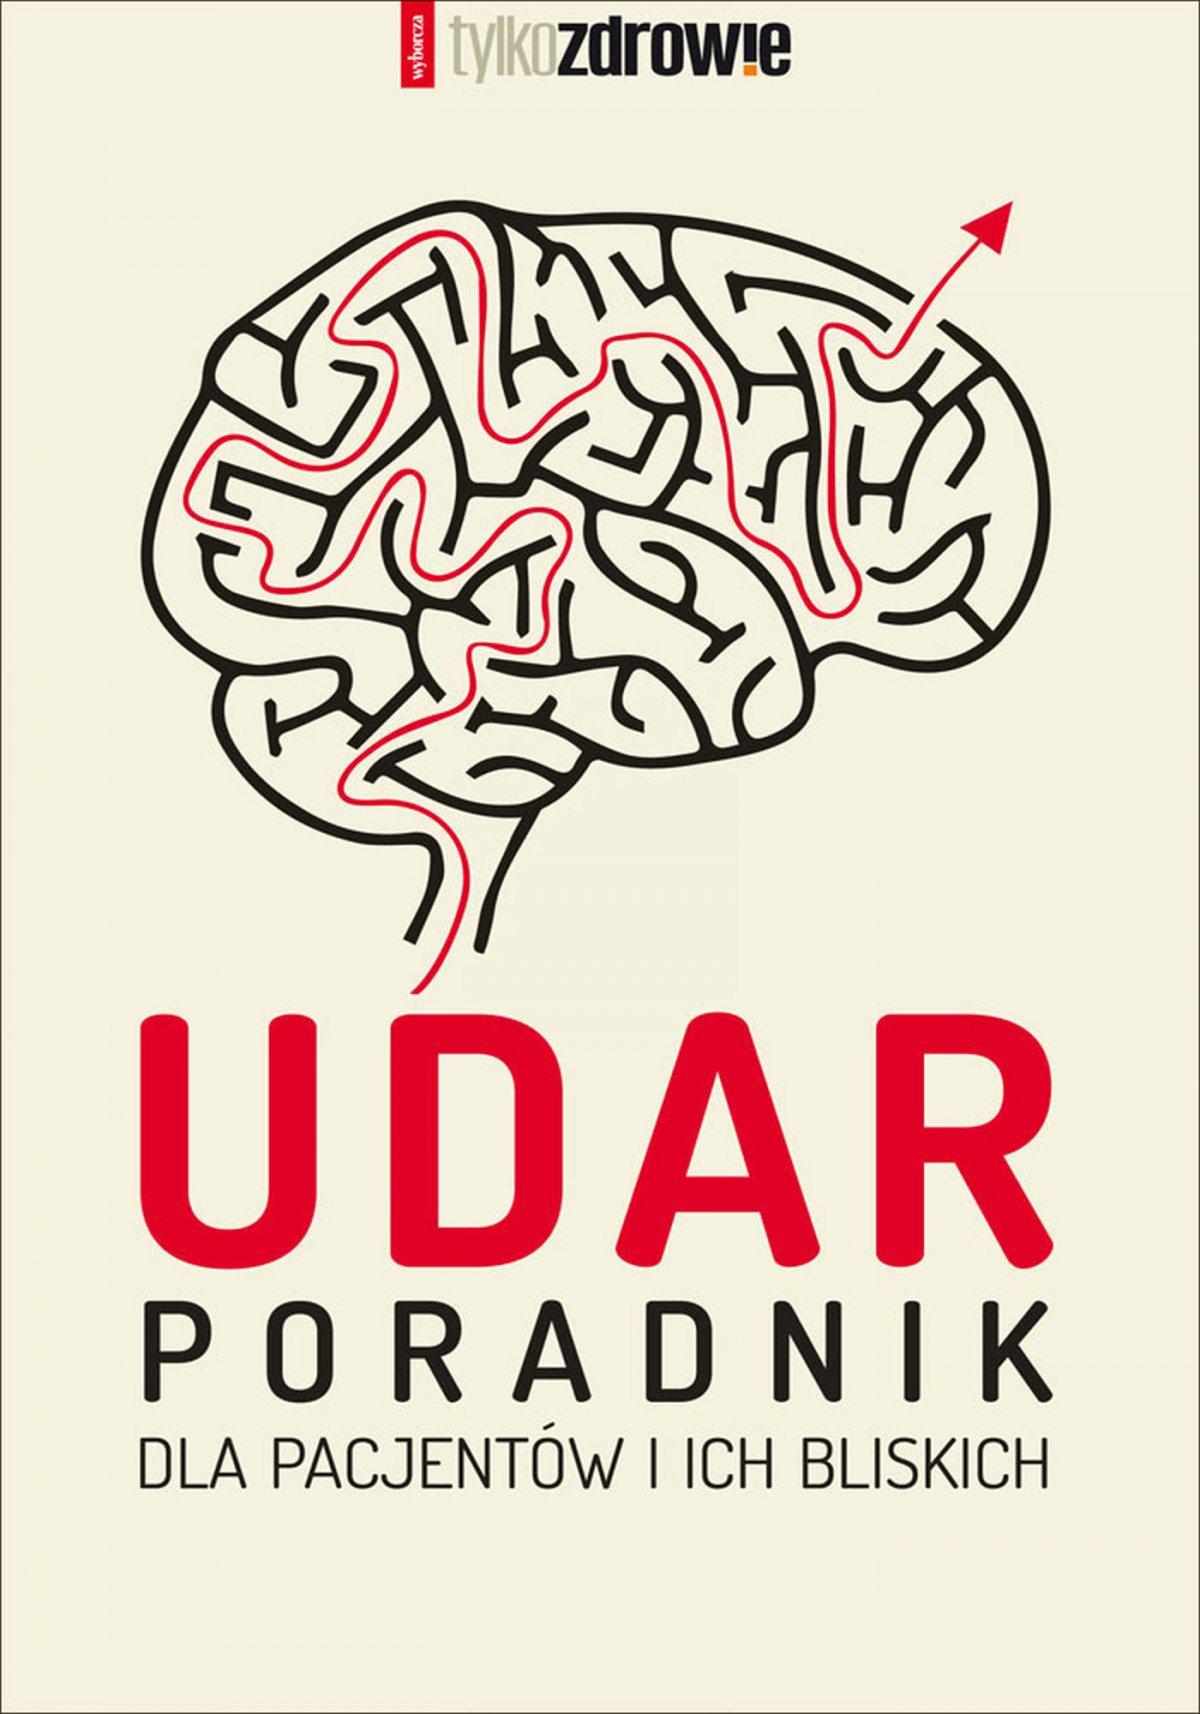 Udar. Poradnik dla pacjentów i ich bliskich - Ebook (Książka EPUB) do pobrania w formacie EPUB